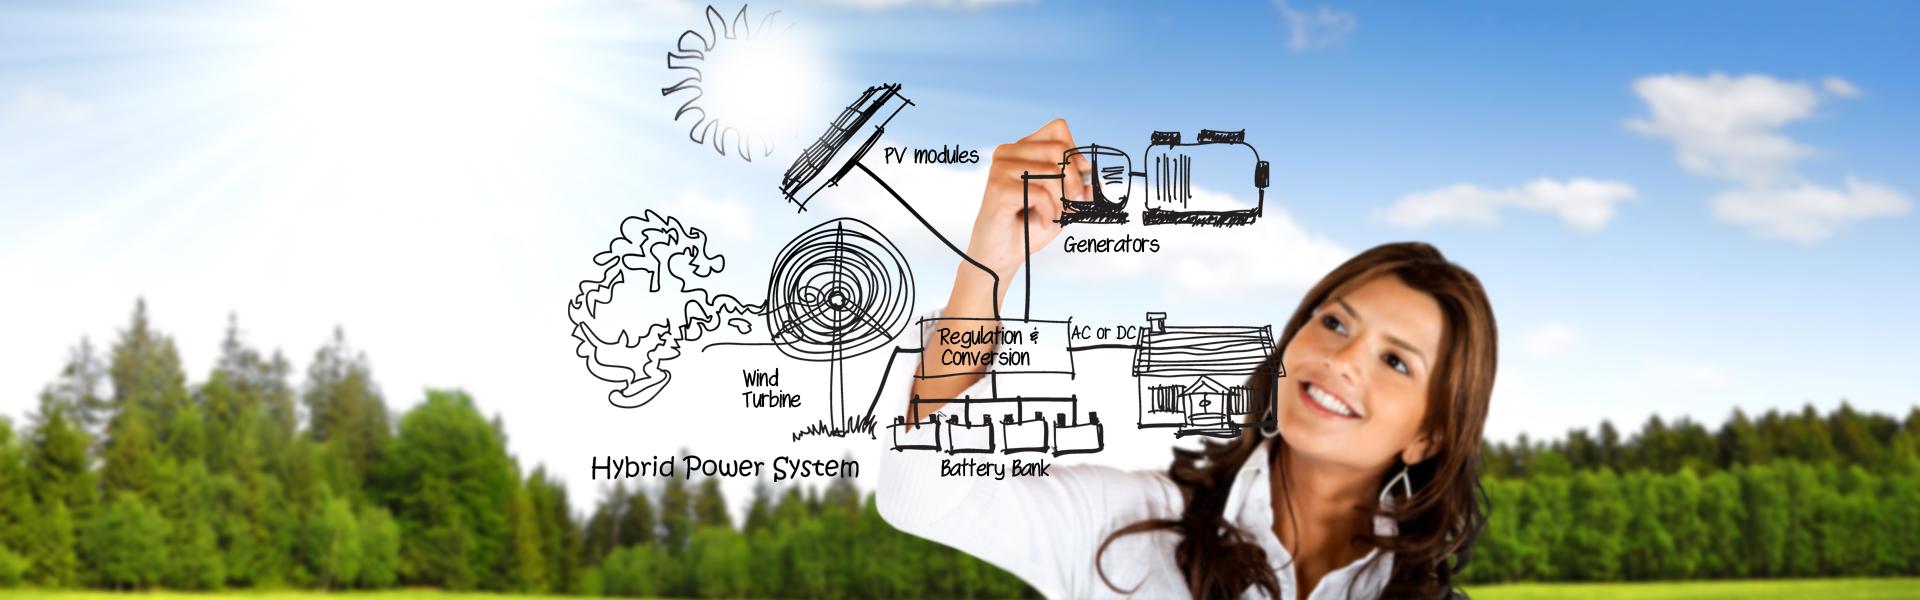 Soluções Integradas|A CAFN através das suas soluções integradas, pretende que os edifícios sejam mais seguros, mais confortáveis, mais económicos e mais eficientes energeticamente, e com isso ajudar a proteger o nosso planeta.